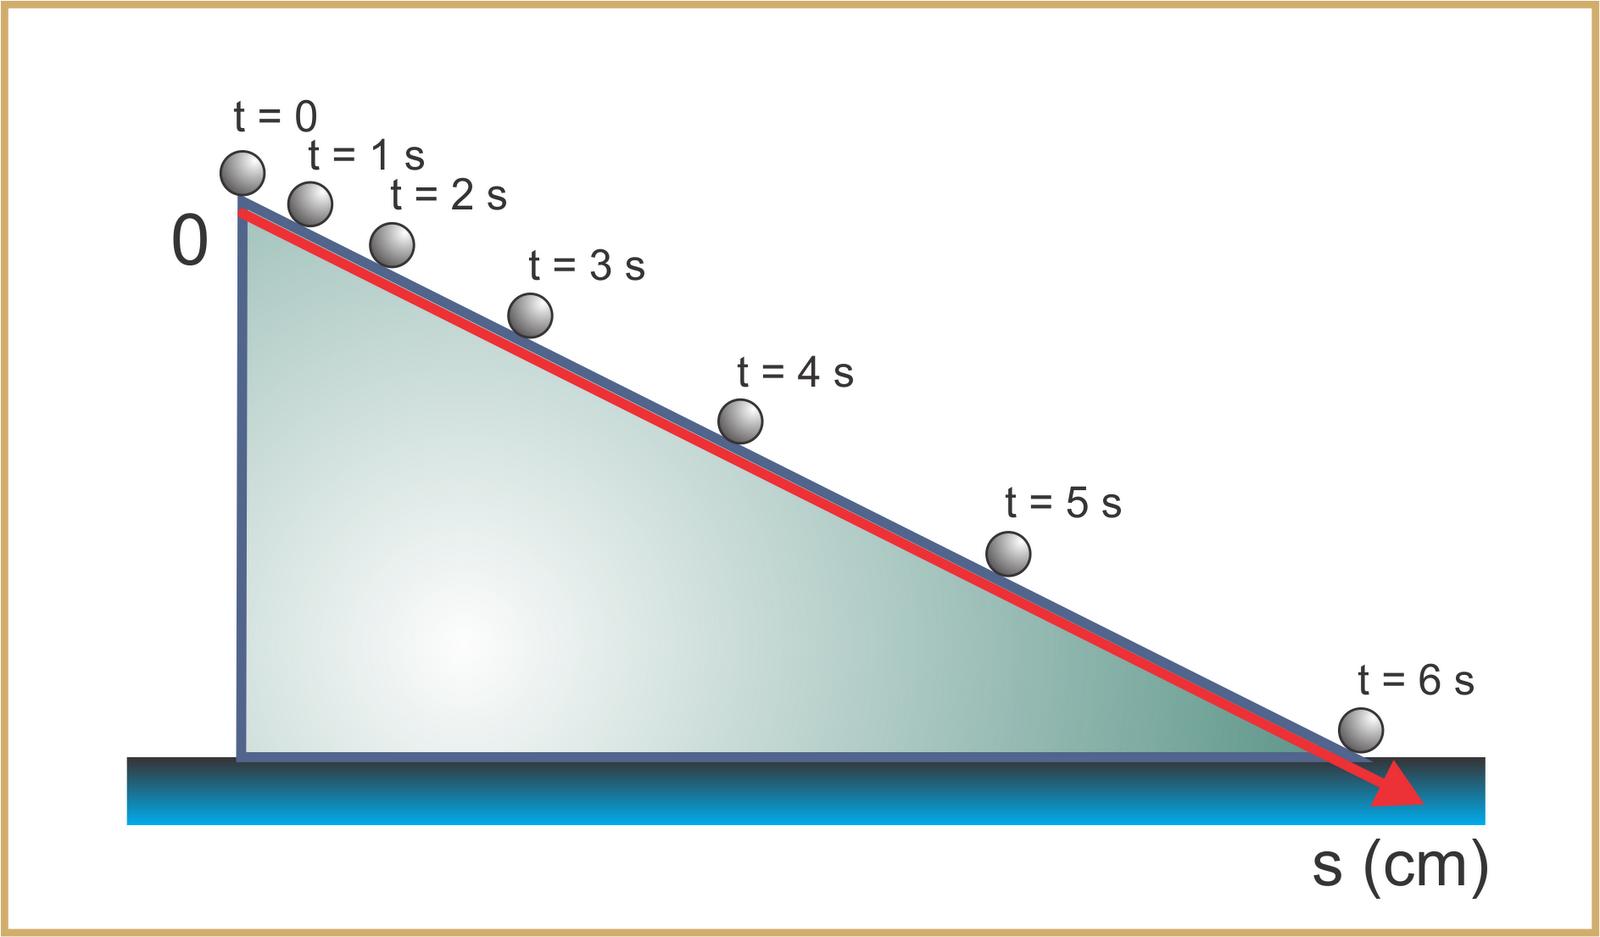 Os Fundamentos da Física  Desafio de Mestre 925bef3ed4